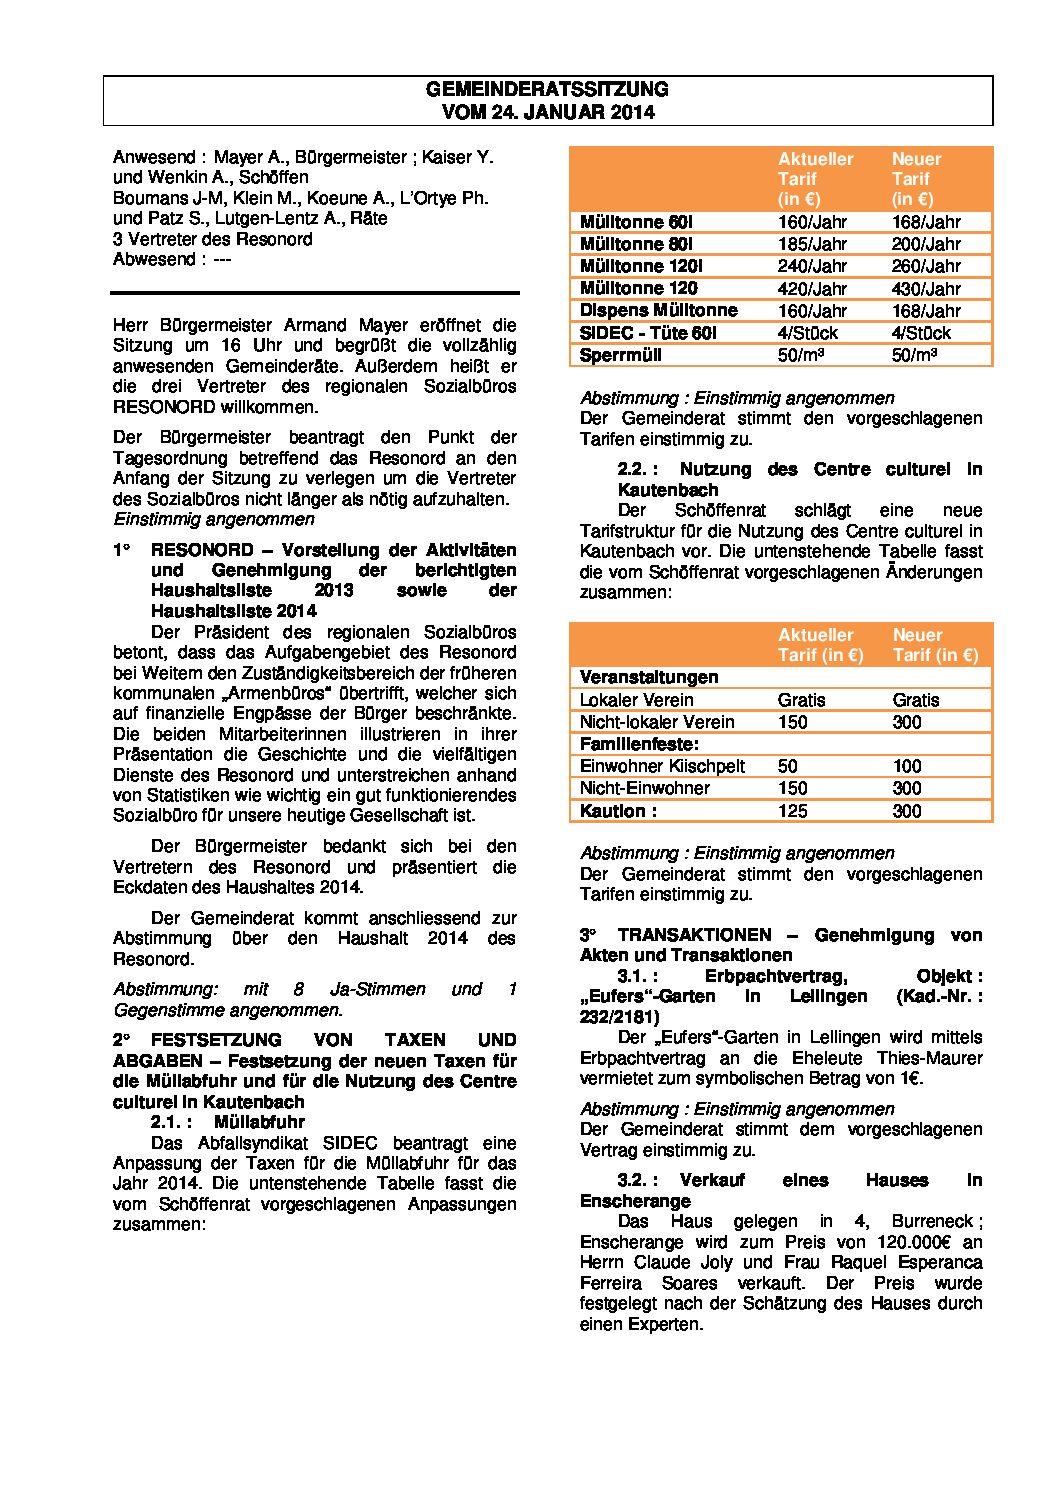 Gemeinderats Bericht vom 24.01.2014